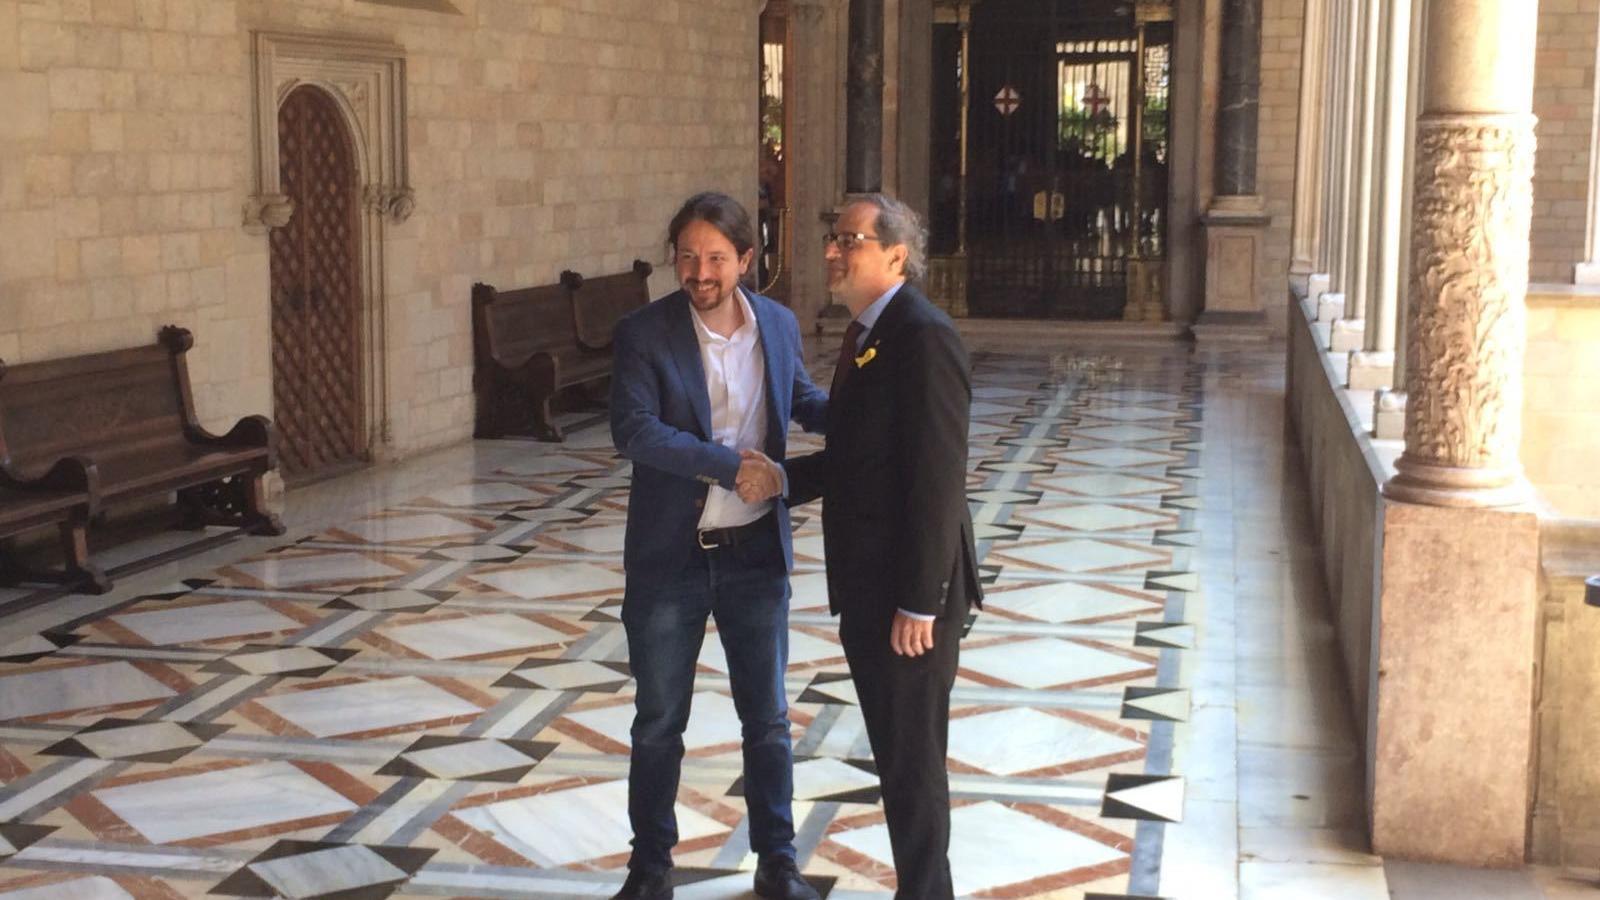 Encaixada de mans de Quim Torra i Pablo Iglesias al Palau de la Generalitat